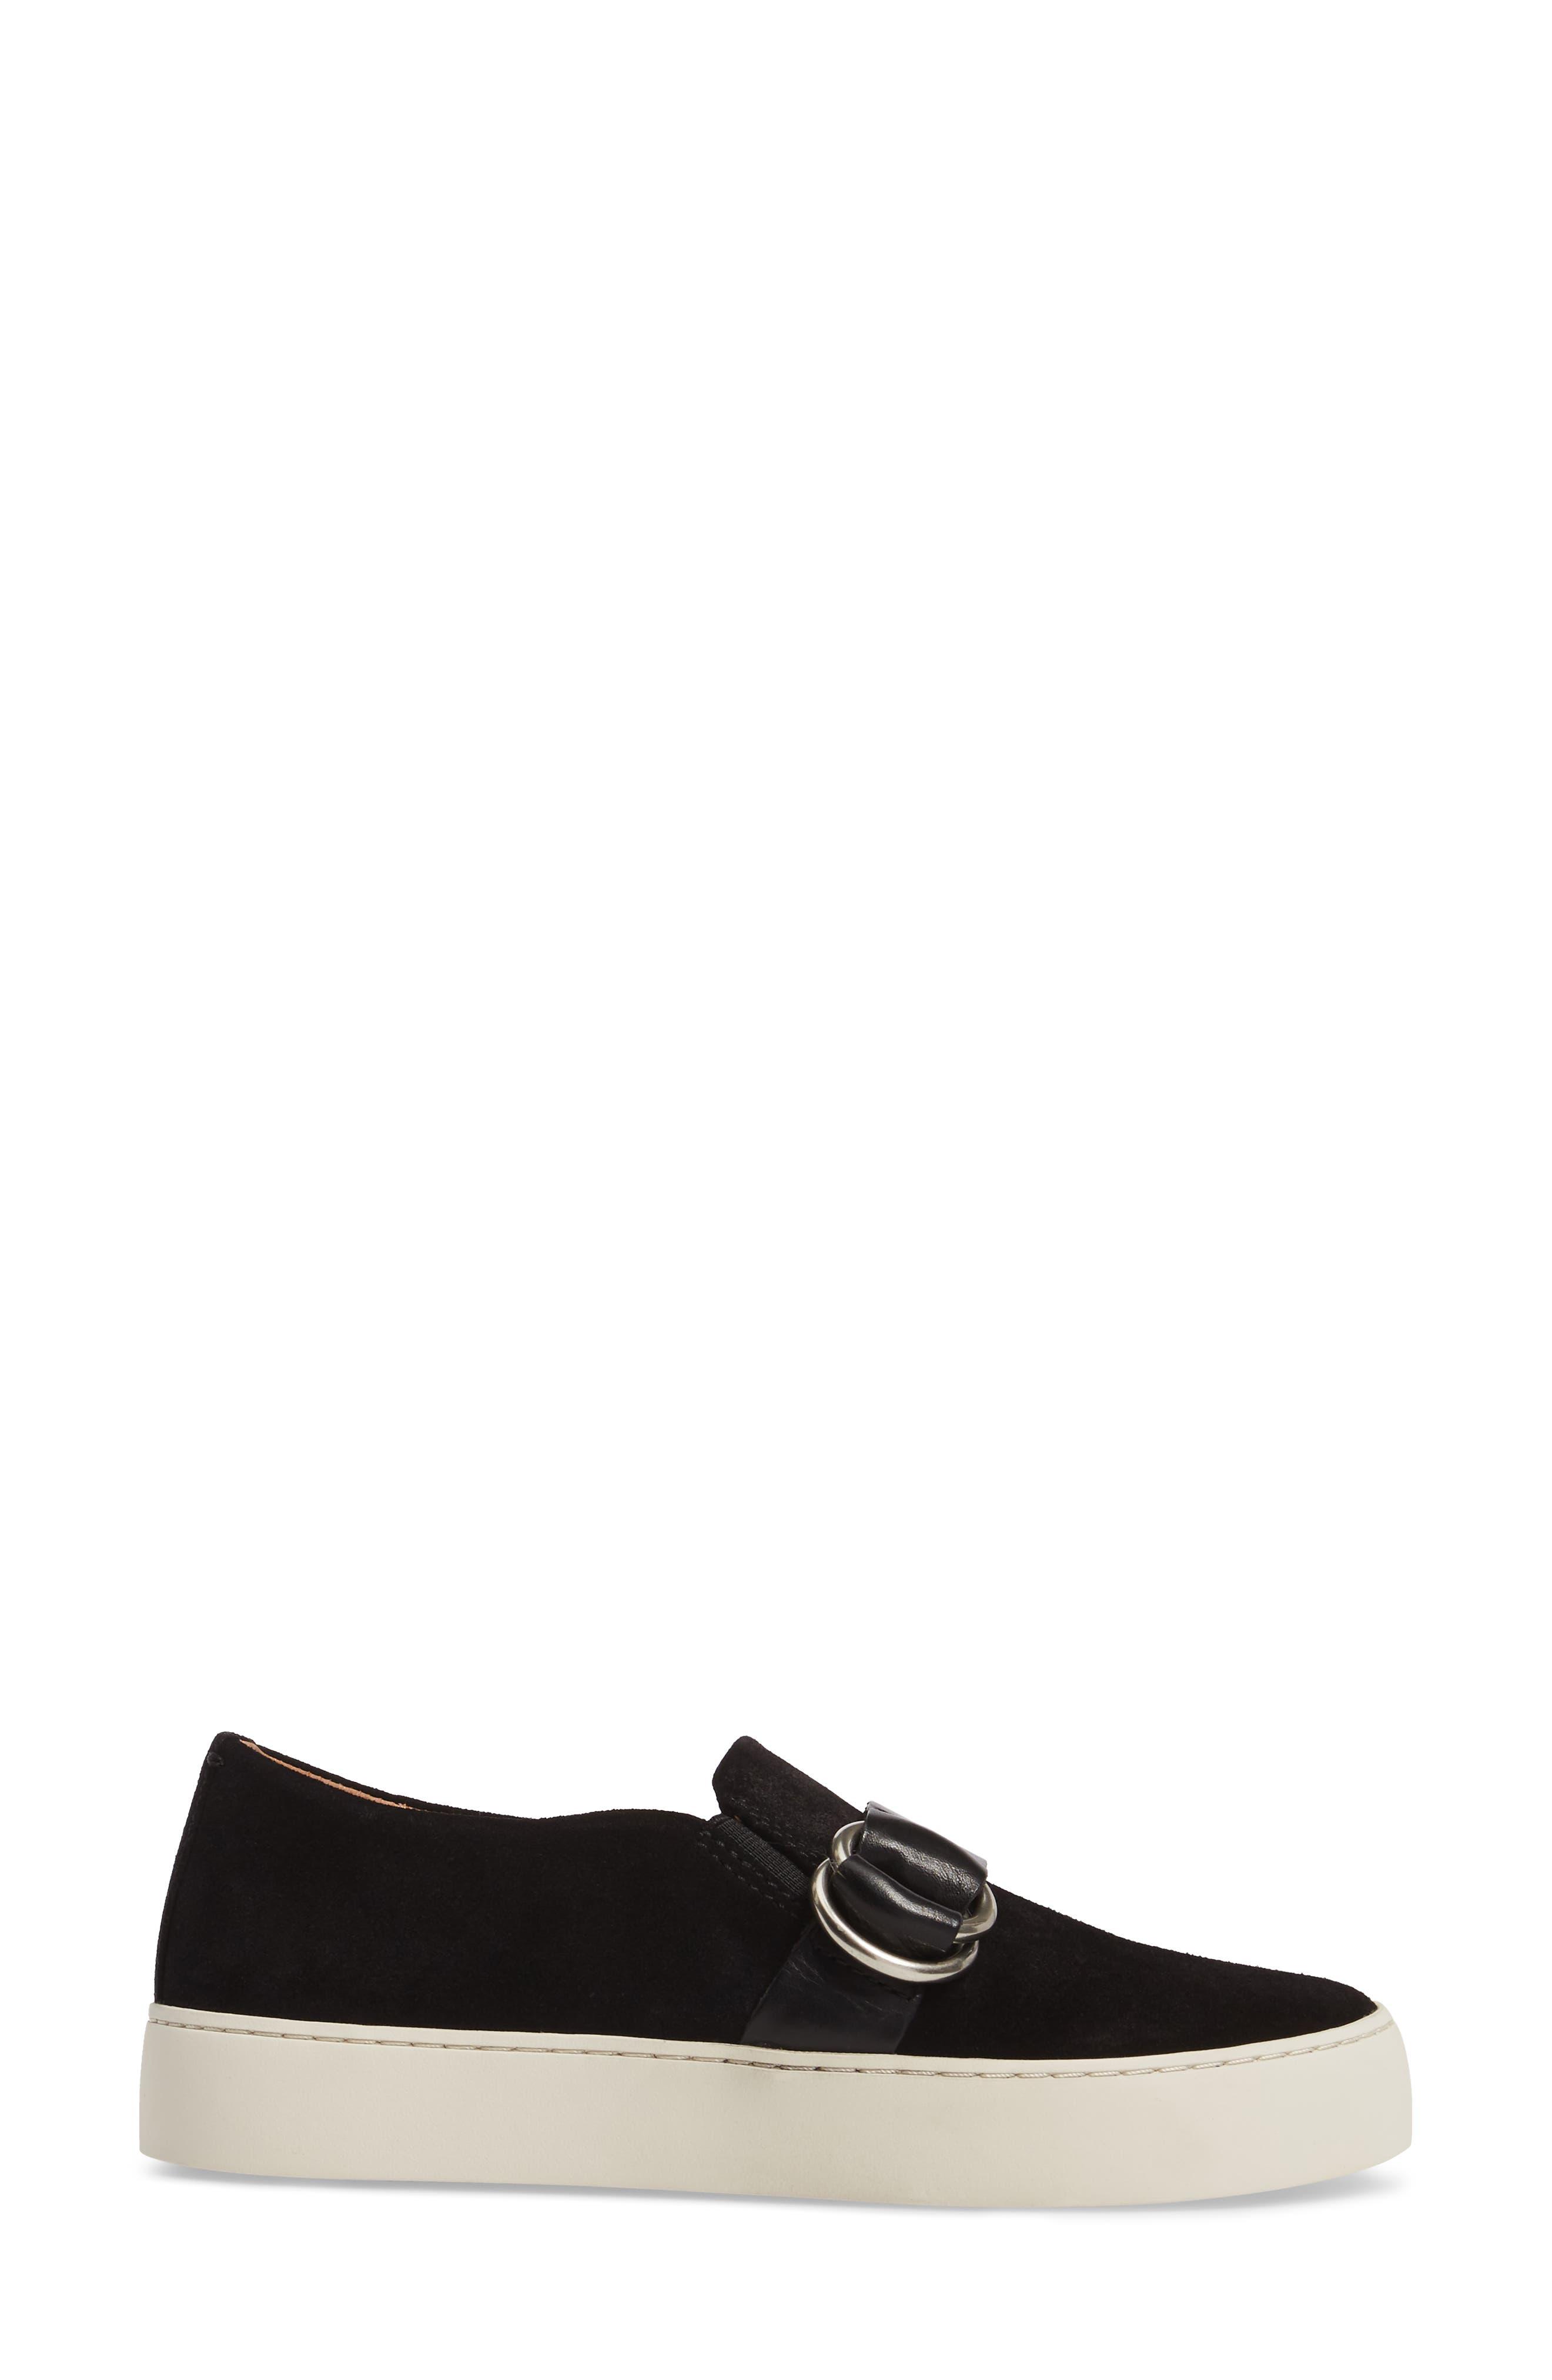 Lena Harness Slip-On Sneaker,                             Alternate thumbnail 3, color,                             Black